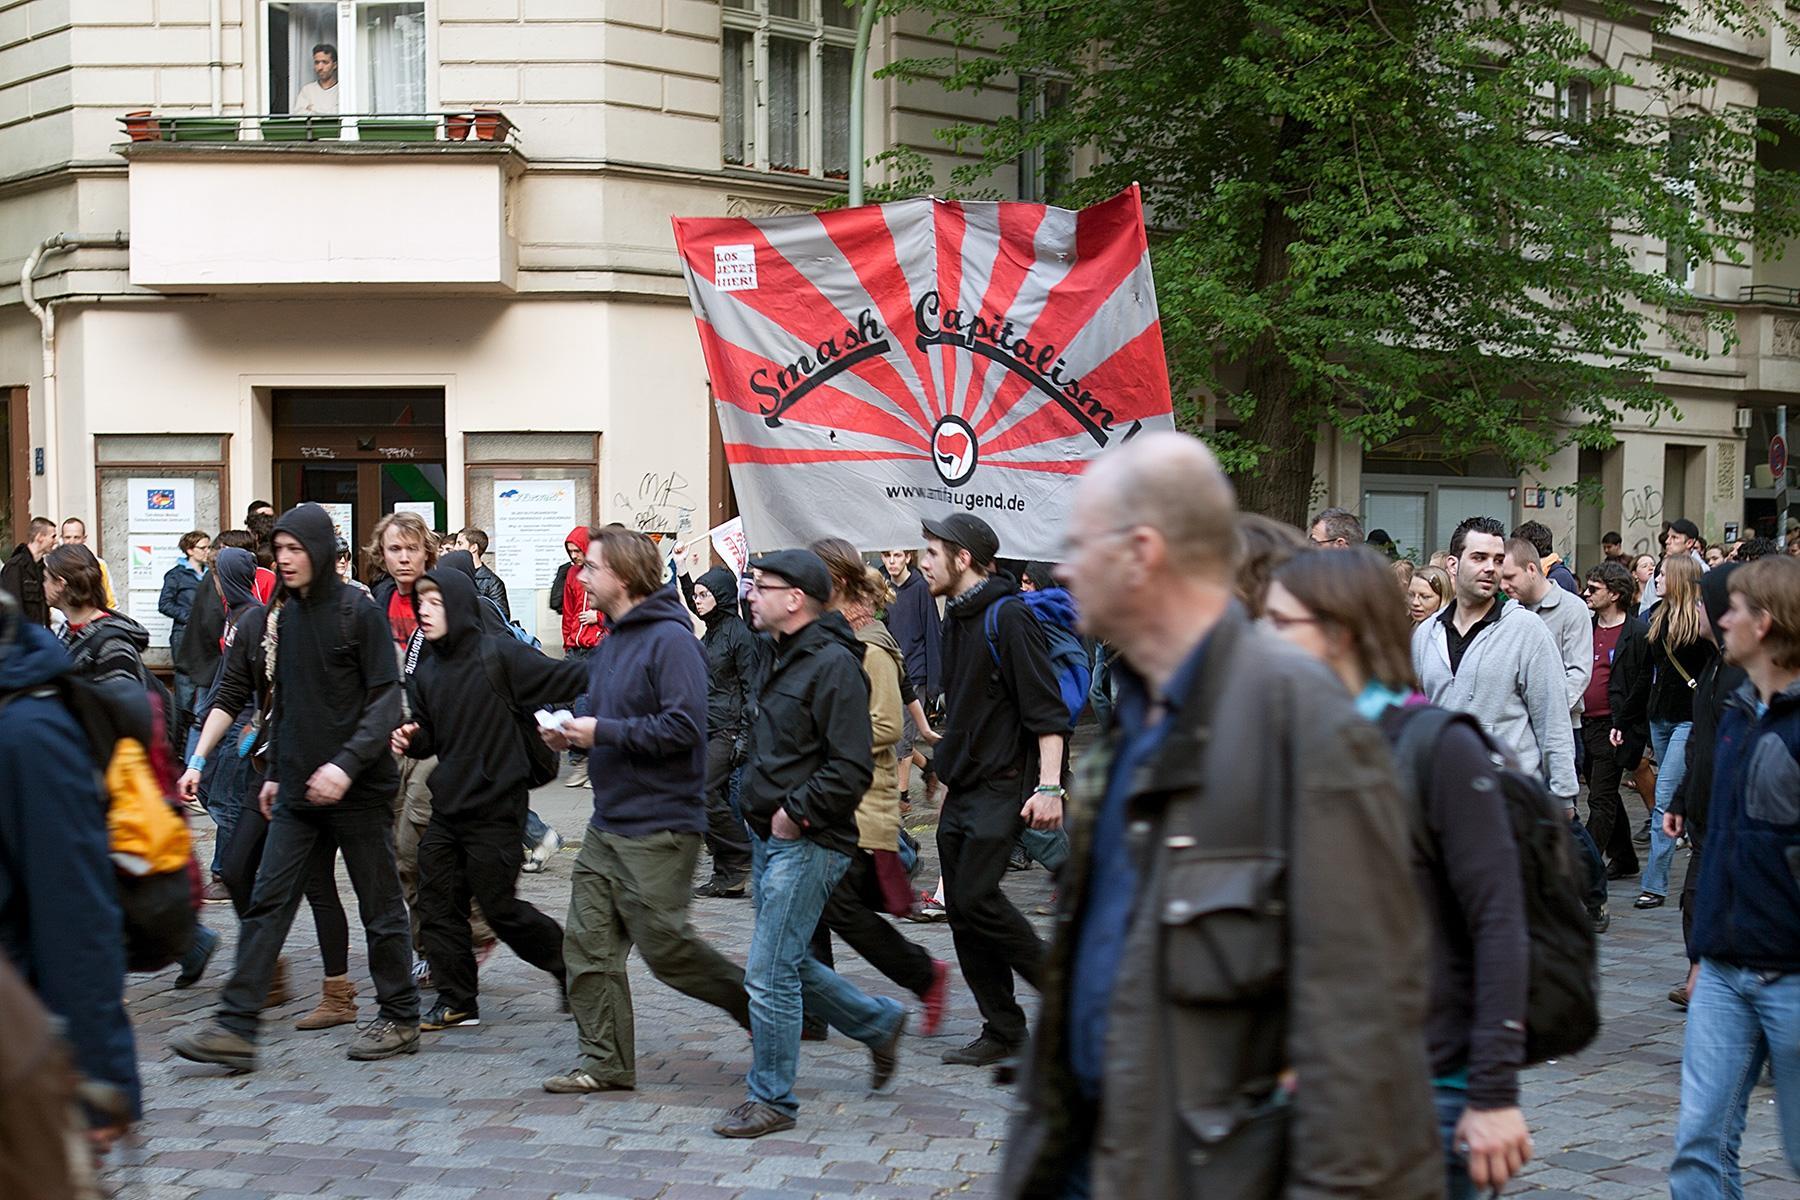 """Demozug mit Flagge """"Smash capitalism"""" auf der Seite Stadterkundung.com"""